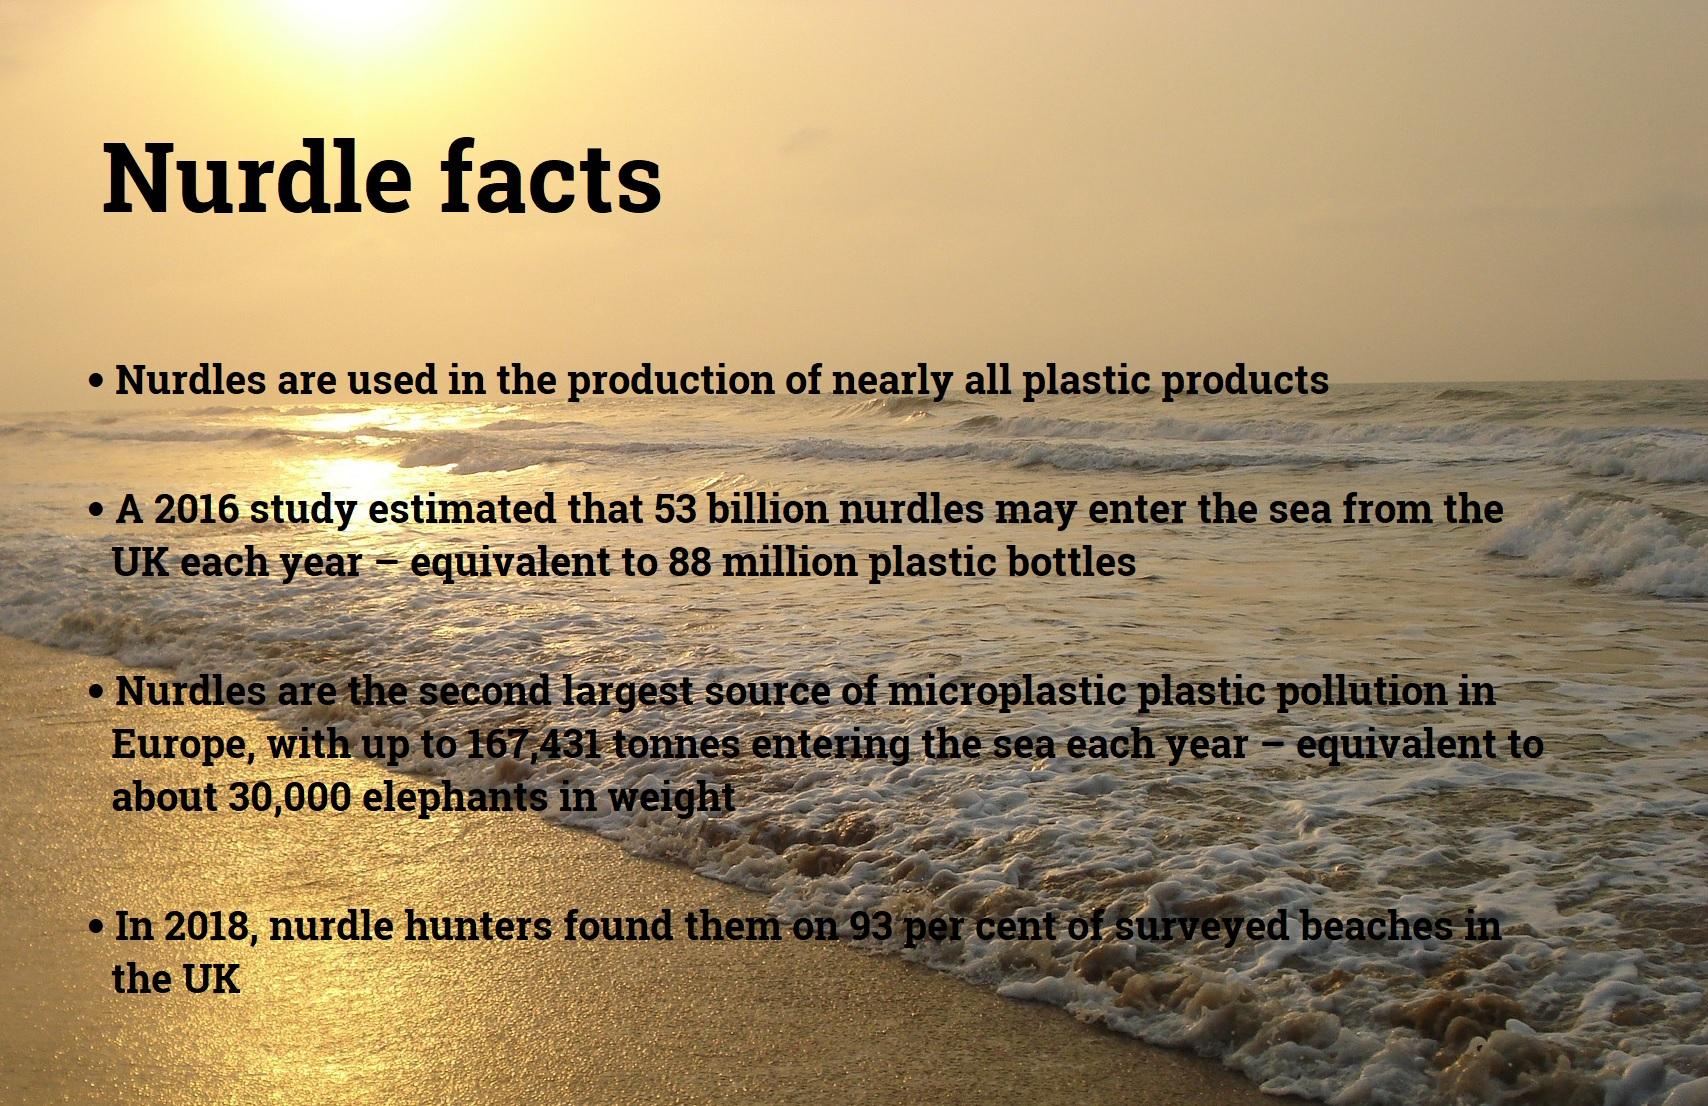 nurdle facts